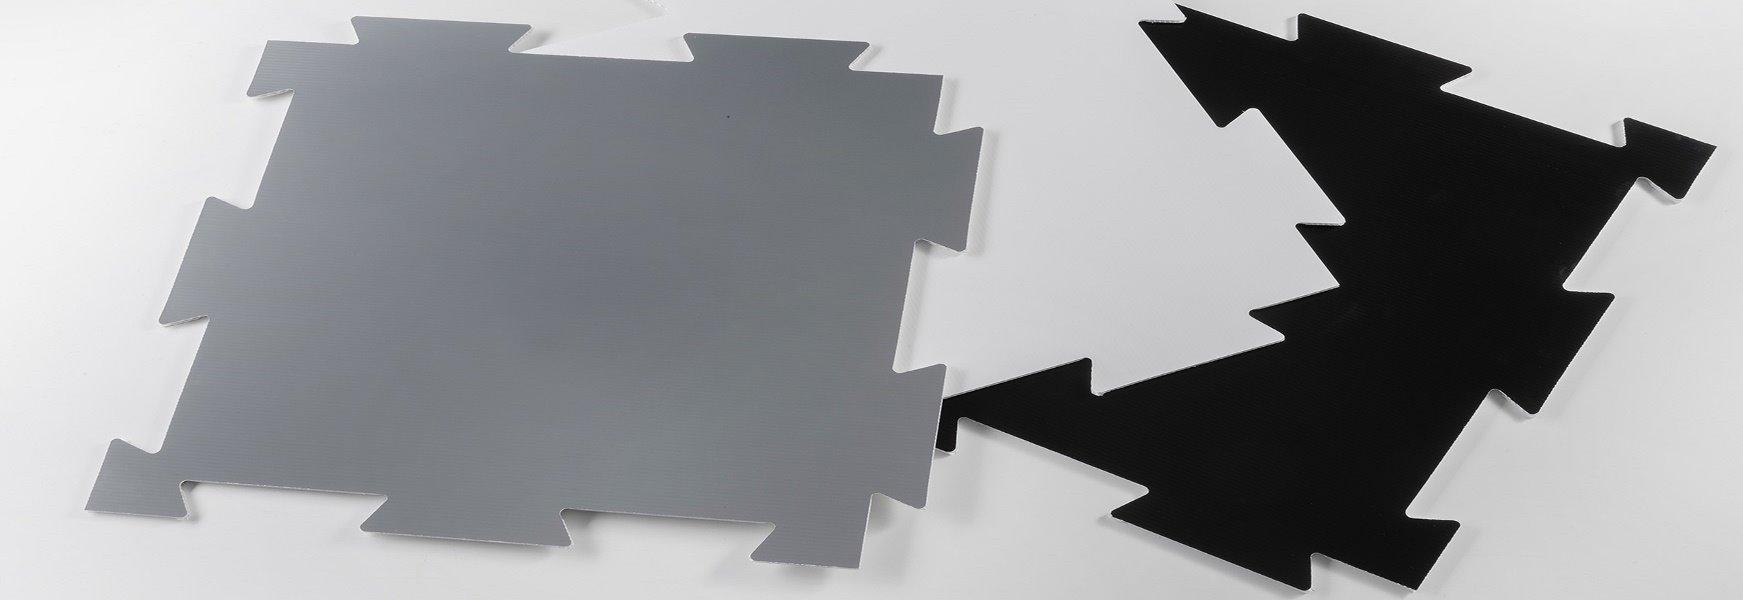 Plastonda Floor Basic-1